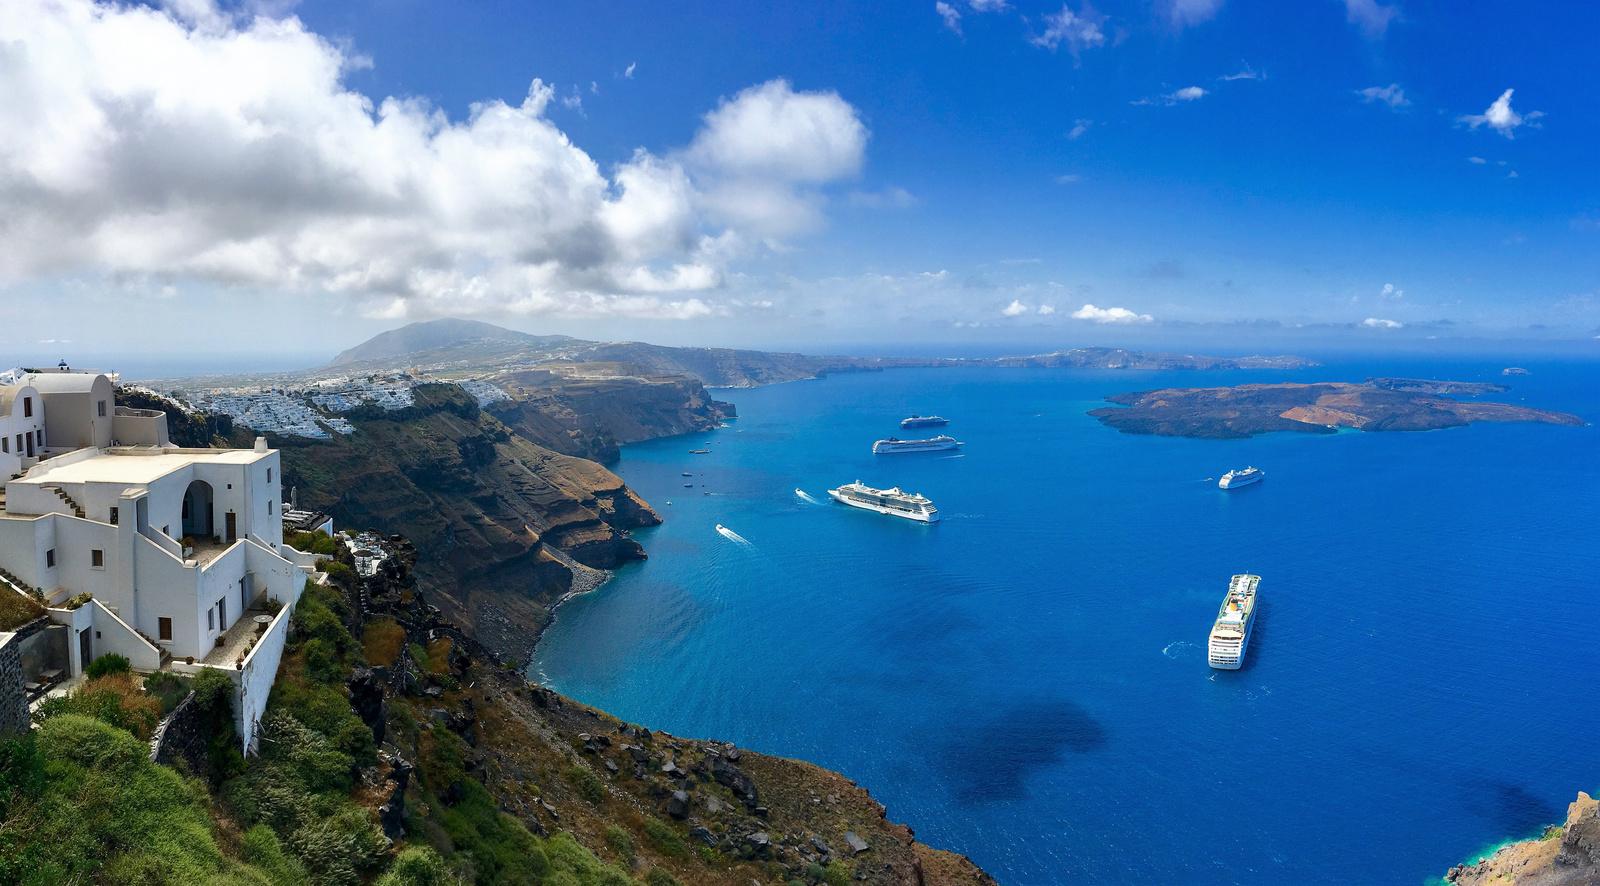 Santorini látképe